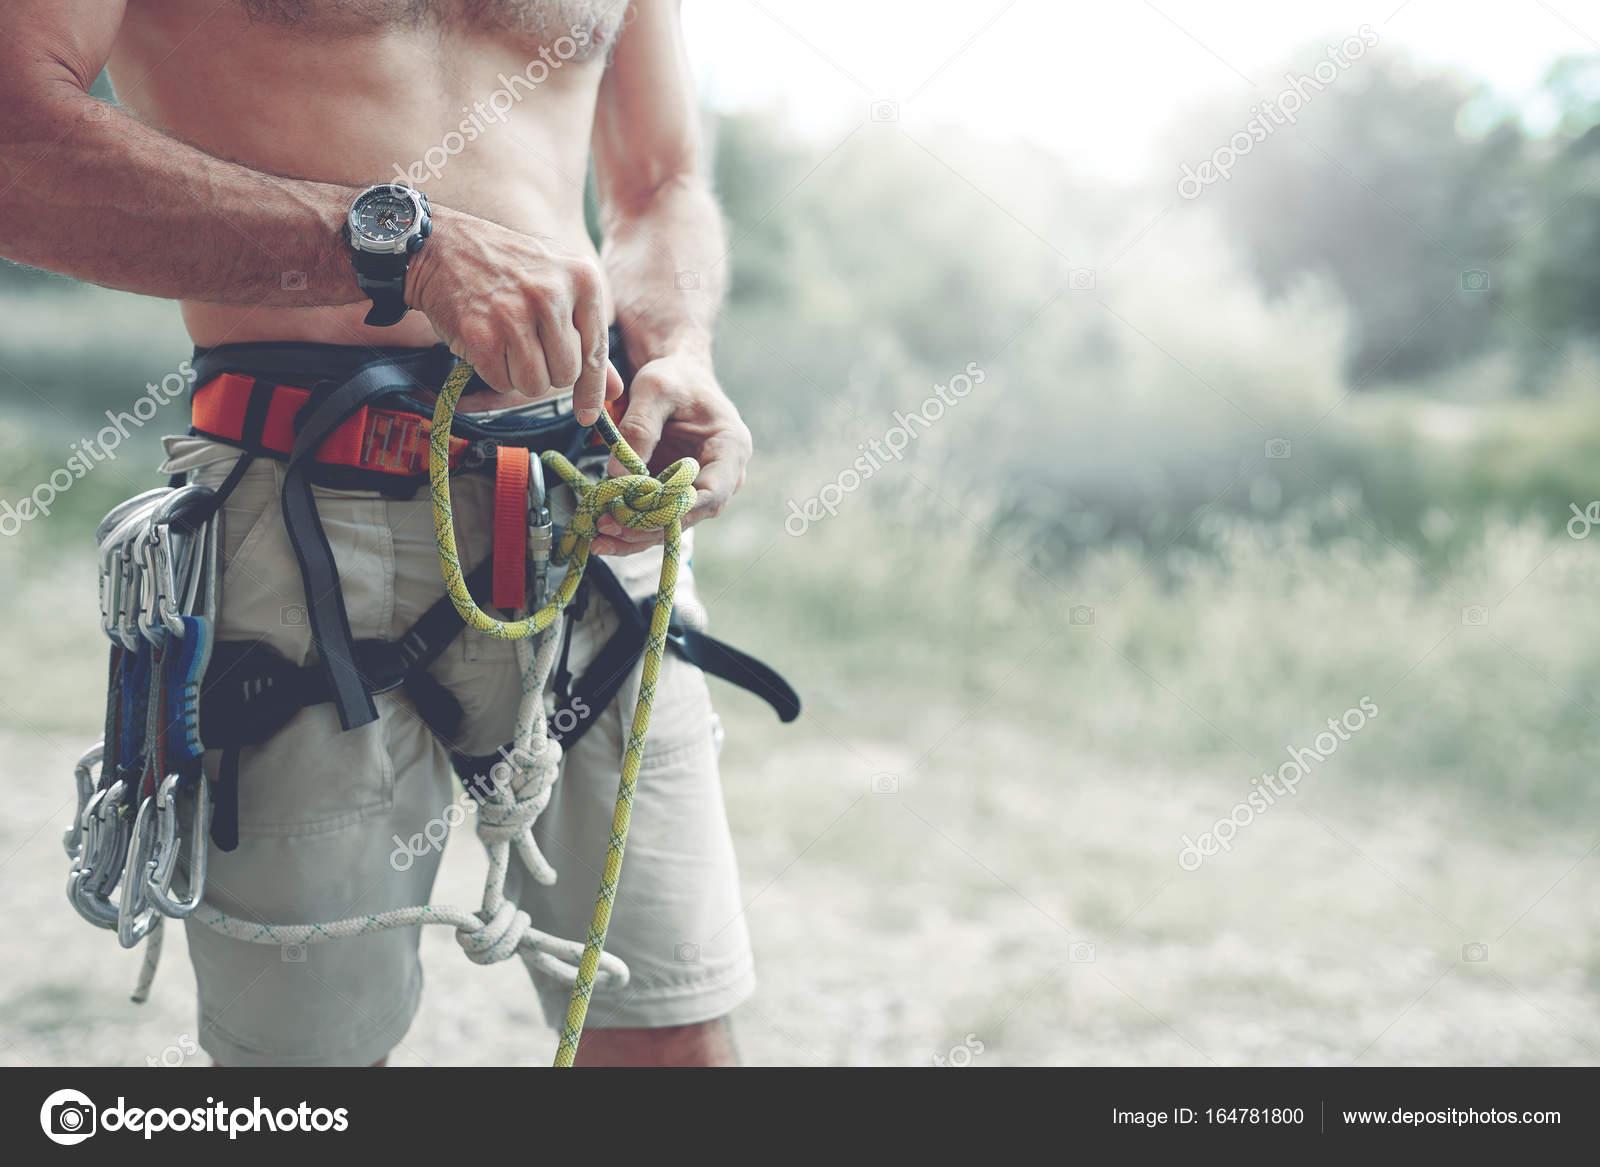 Klettergurt Aus Seil Machen : Ein mann knoten einen auf klettergurt u stockfoto